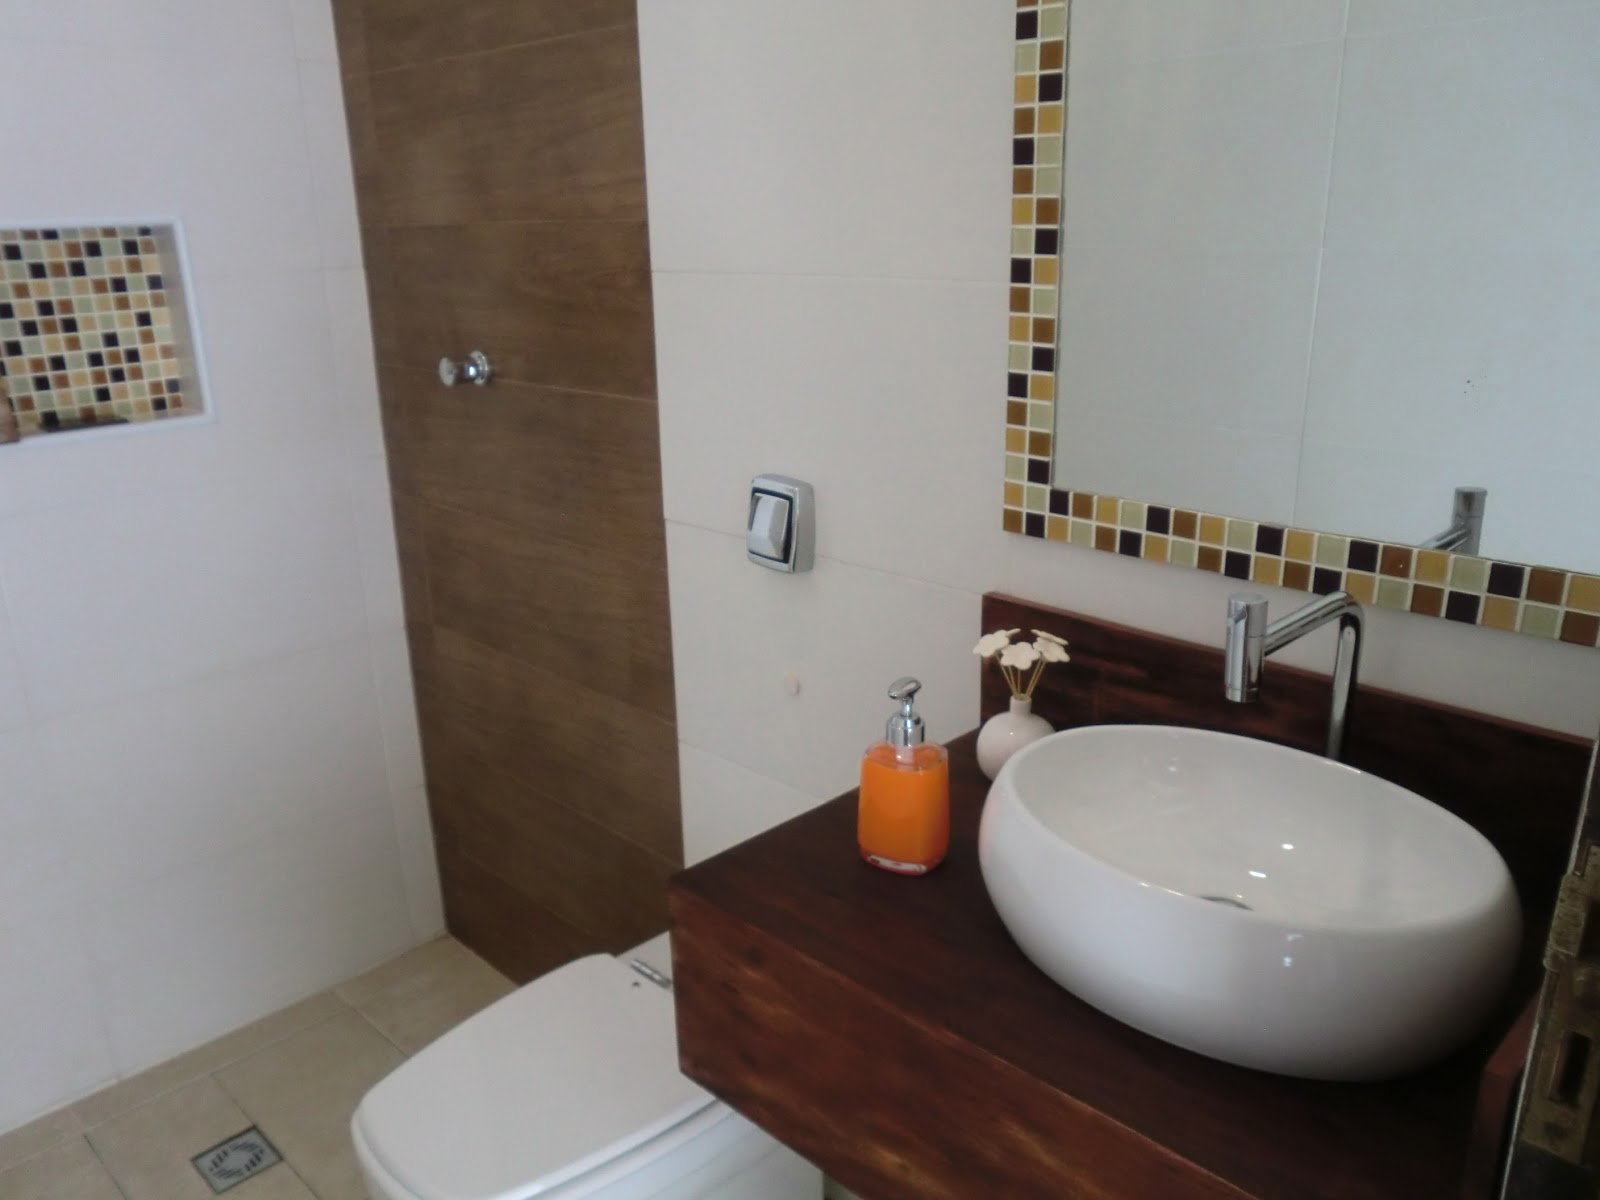 Banheiro pequeno reformado por menos de 2mil na revista - Como reformar tu casa ...